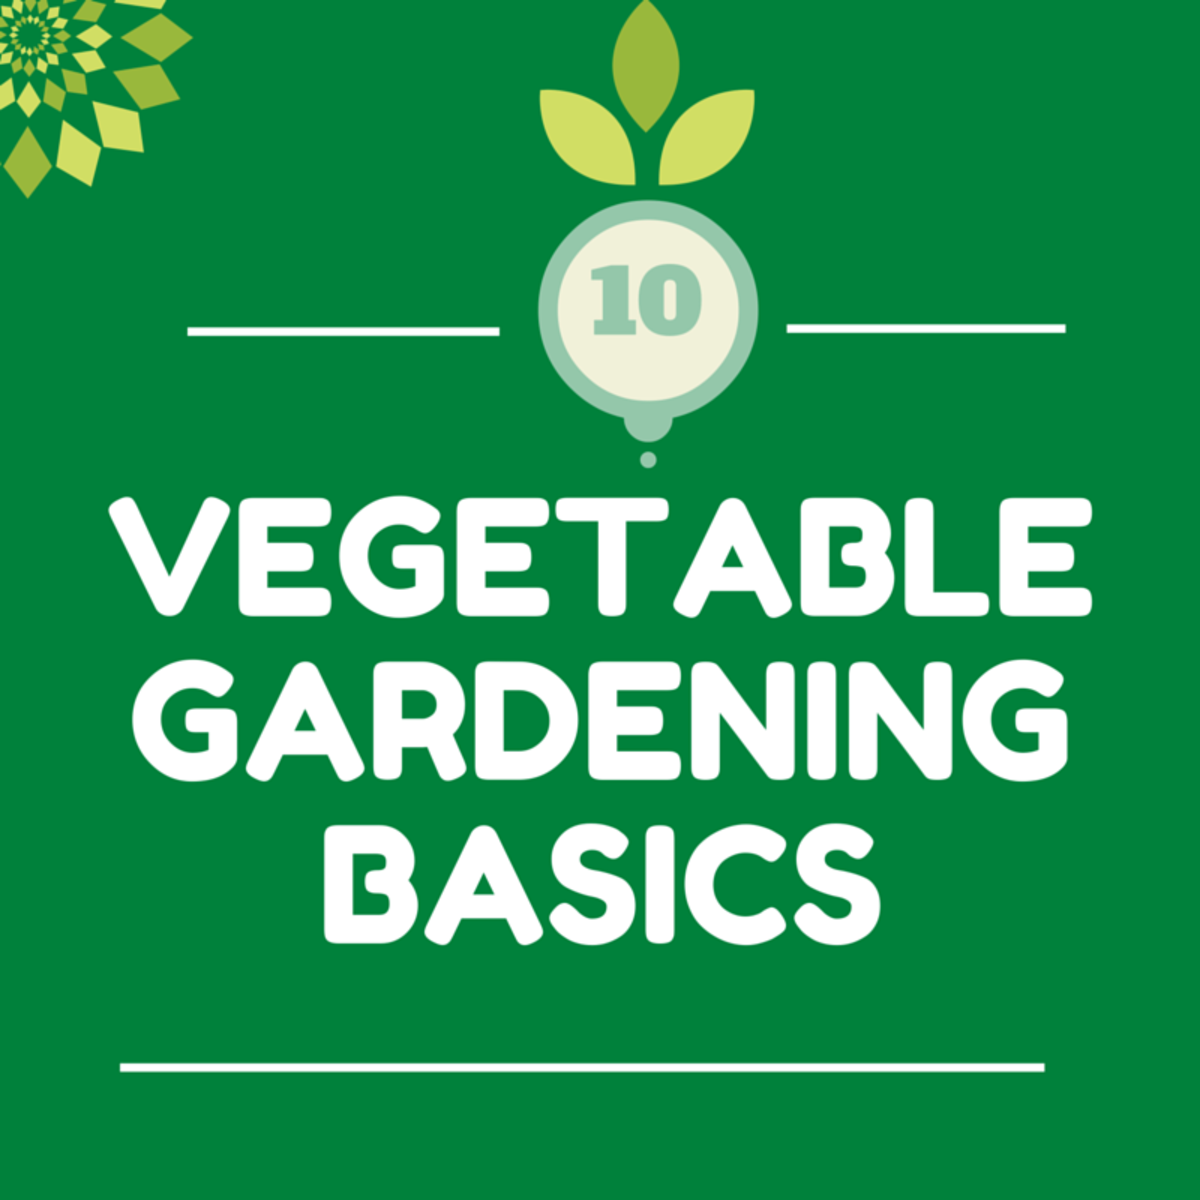 10 Vegetable Gardening Basics for Beginners